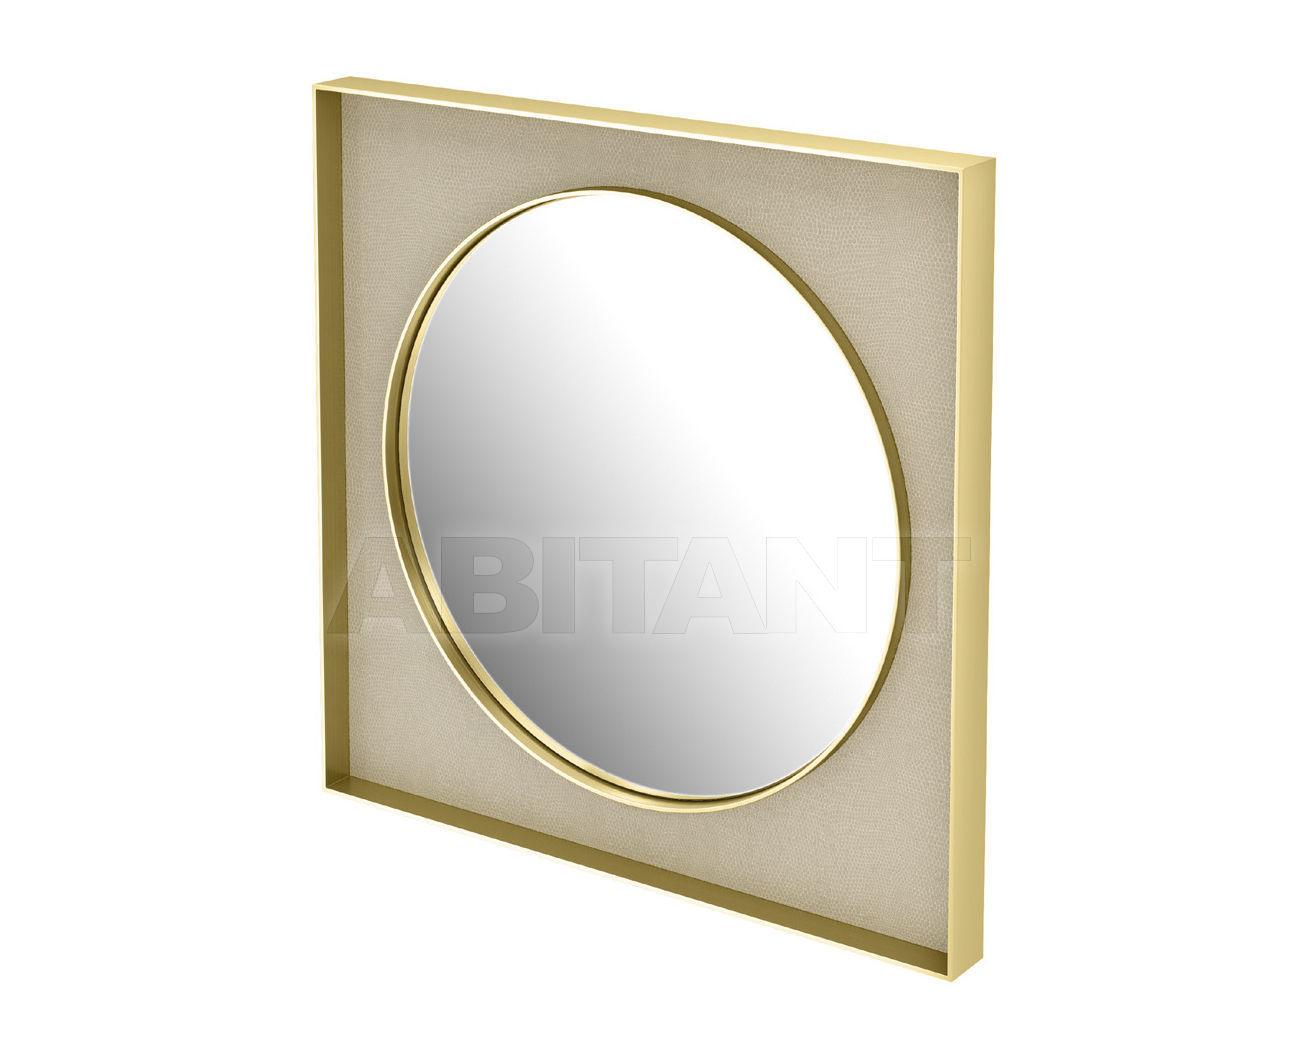 Купить Зеркало настенное DENVER Frato 2018 FAC050015AAN B